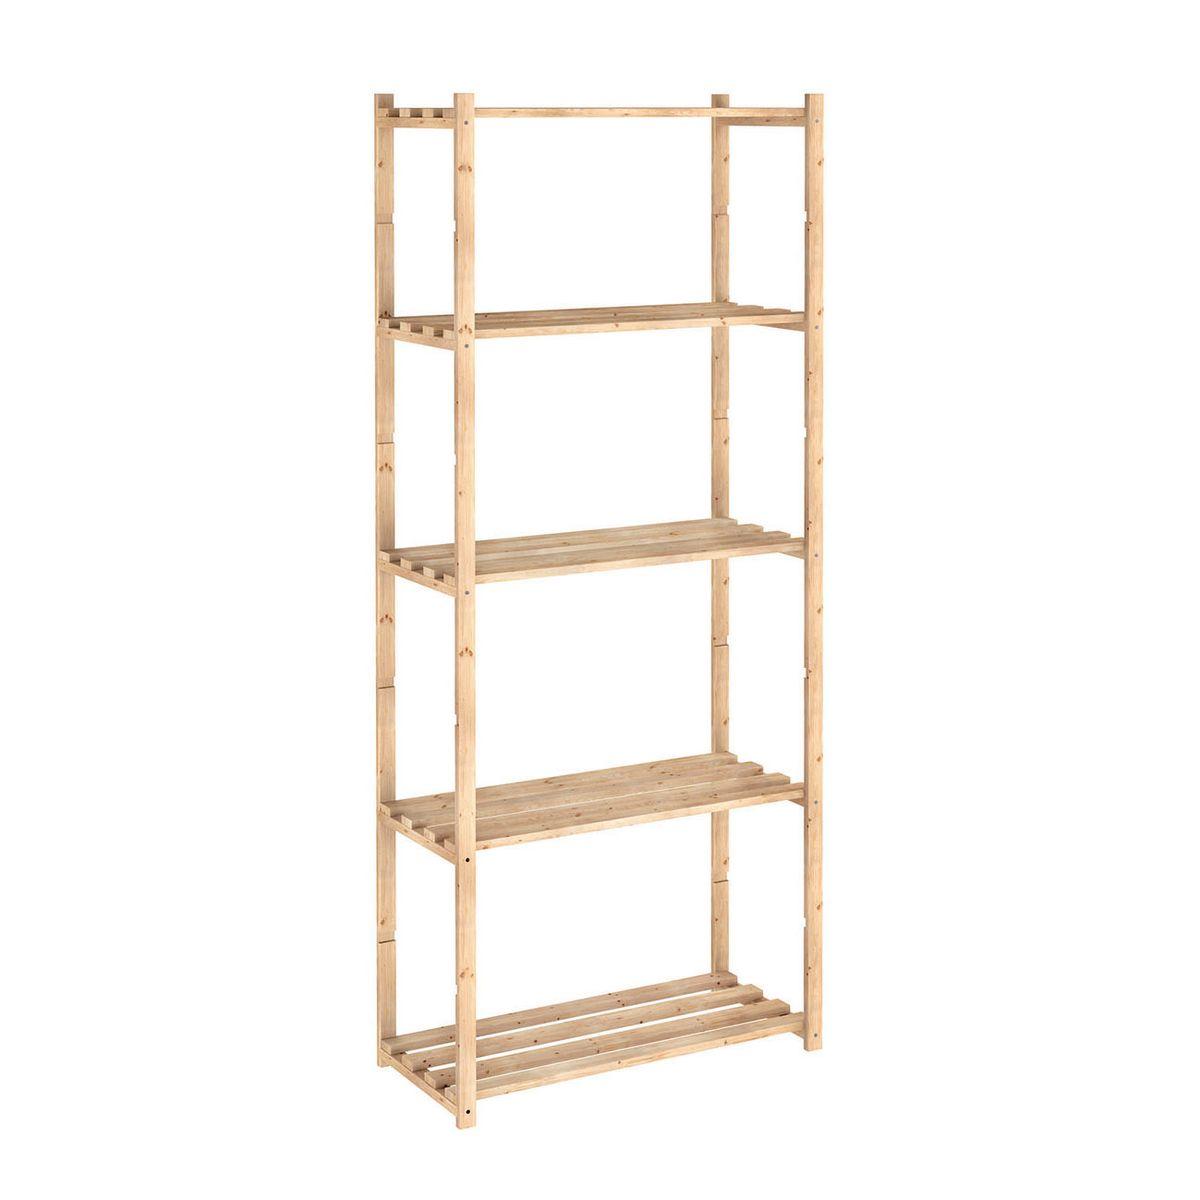 Scaffali ripostiglio affordable scaffale bamboo with for Ikea scaffali in metallo